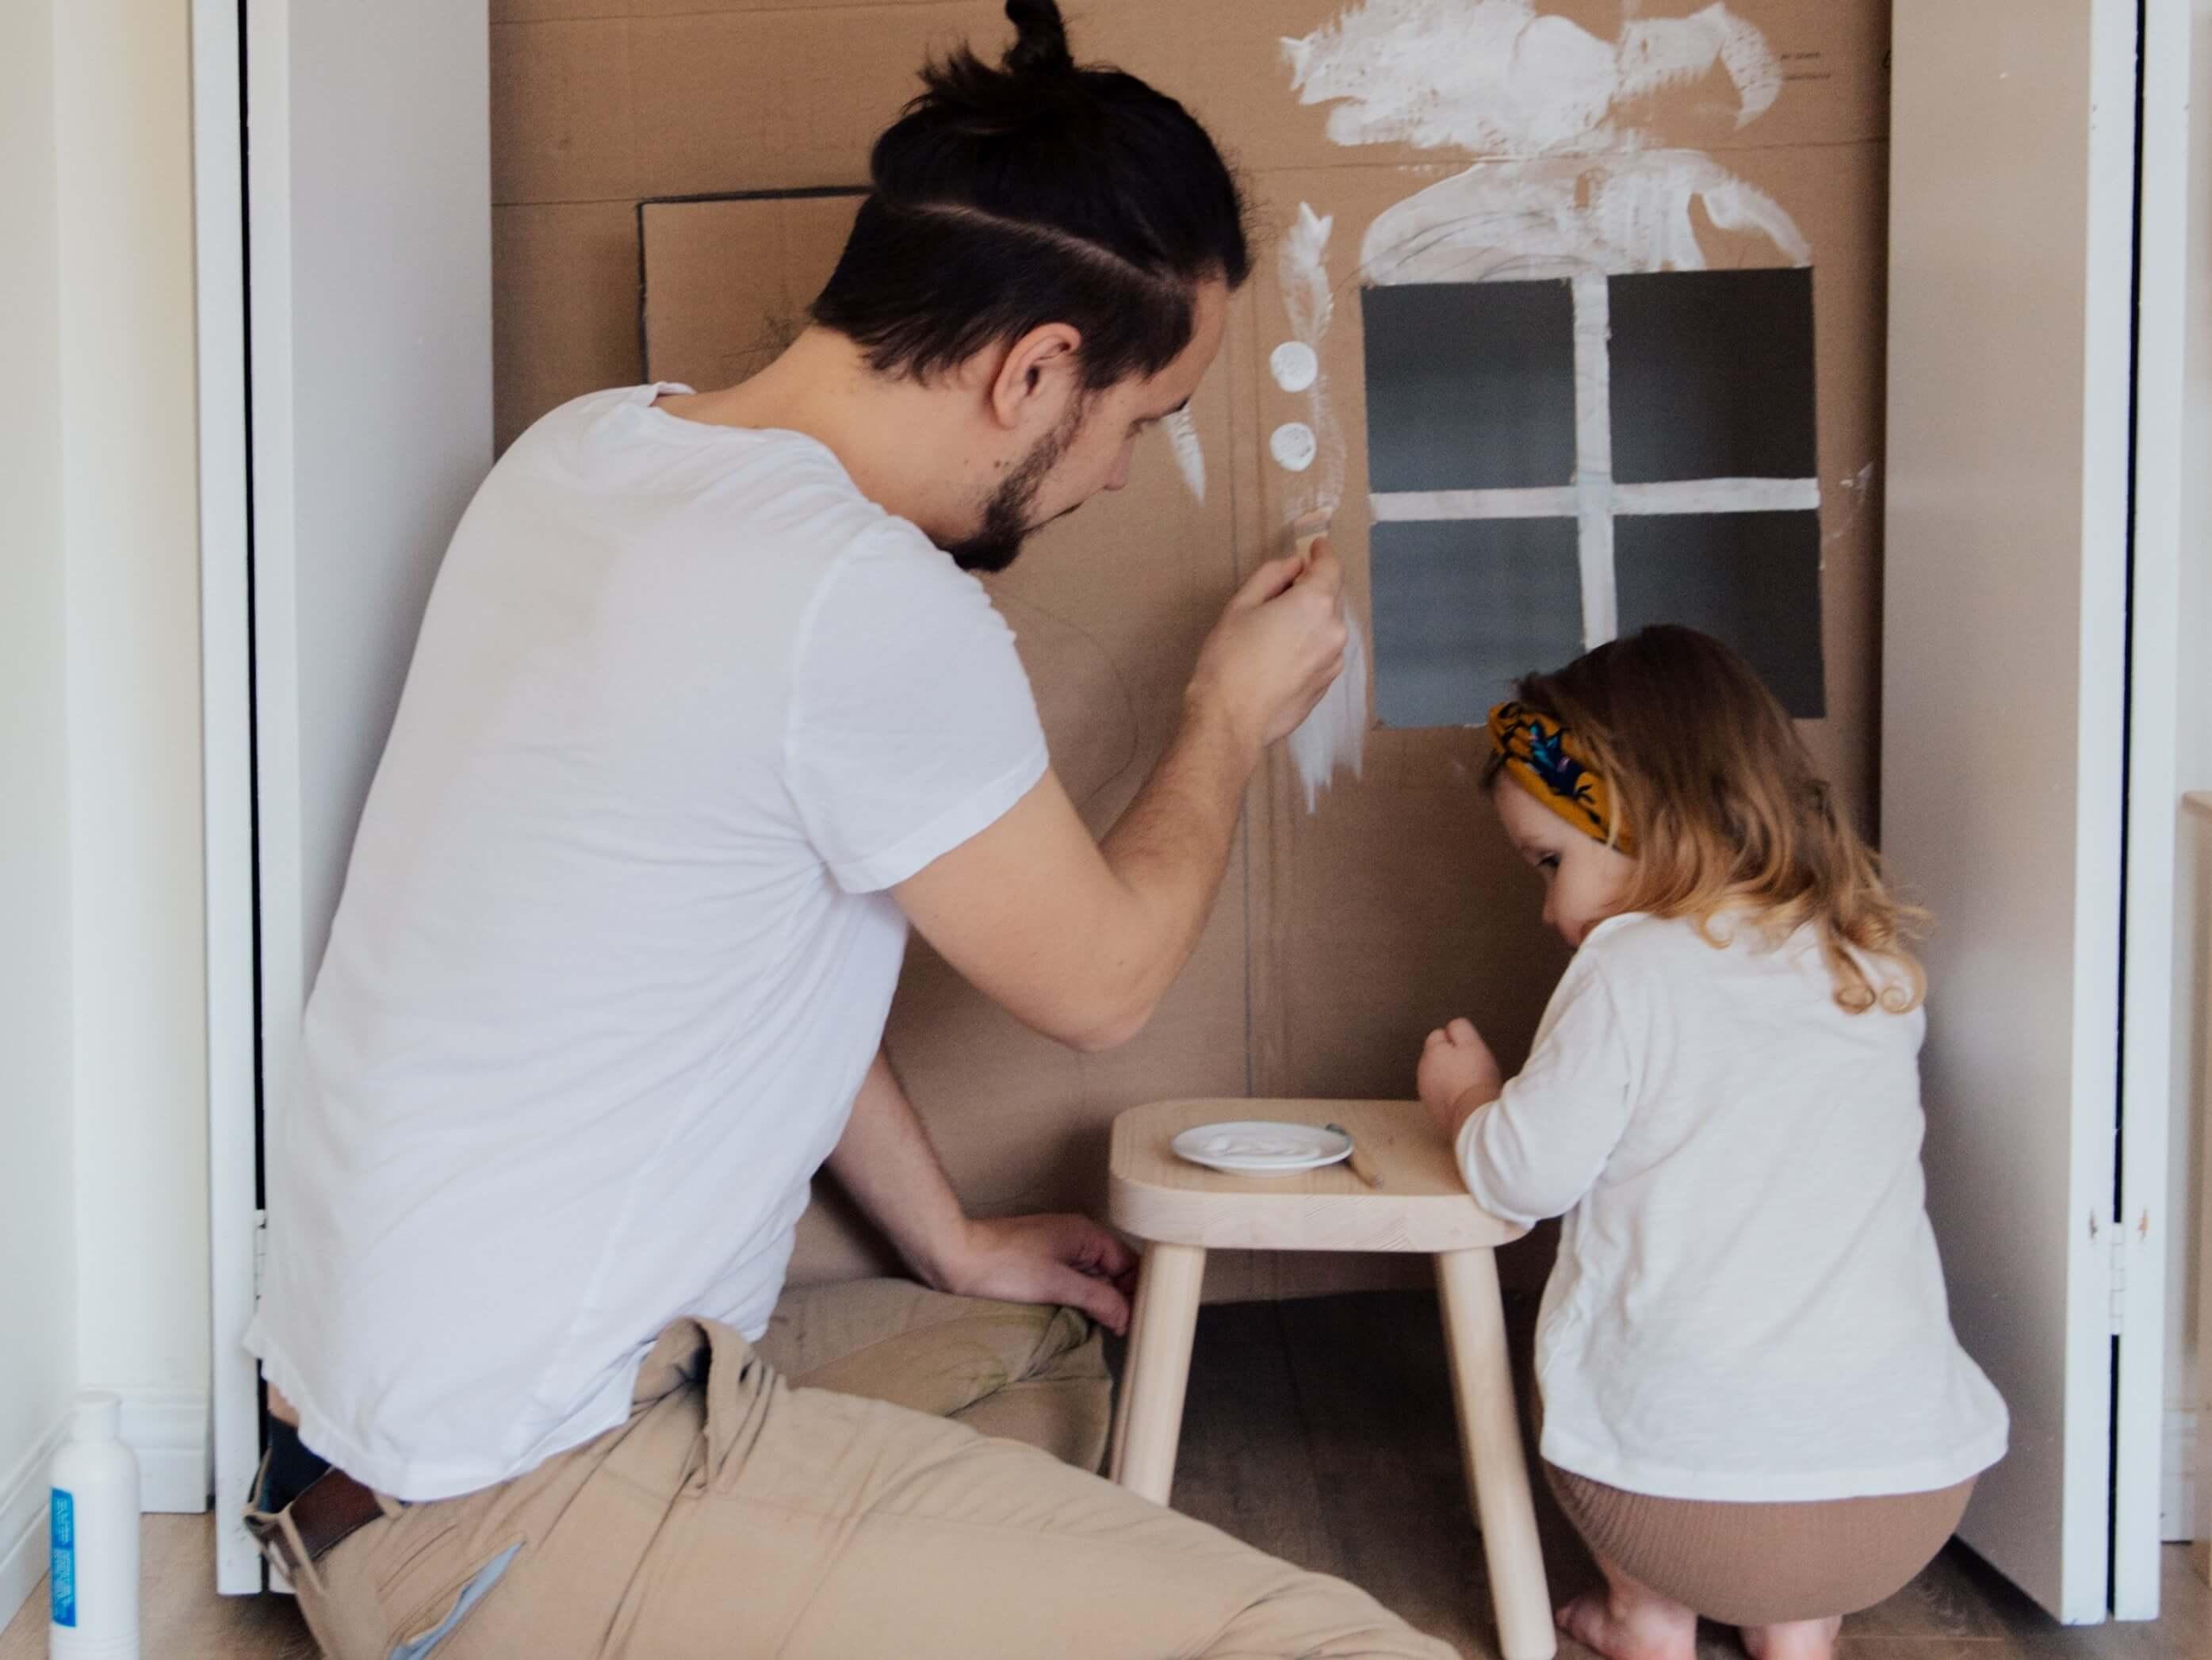 Zabawki, które pomogą w socjalizacji dziecka?